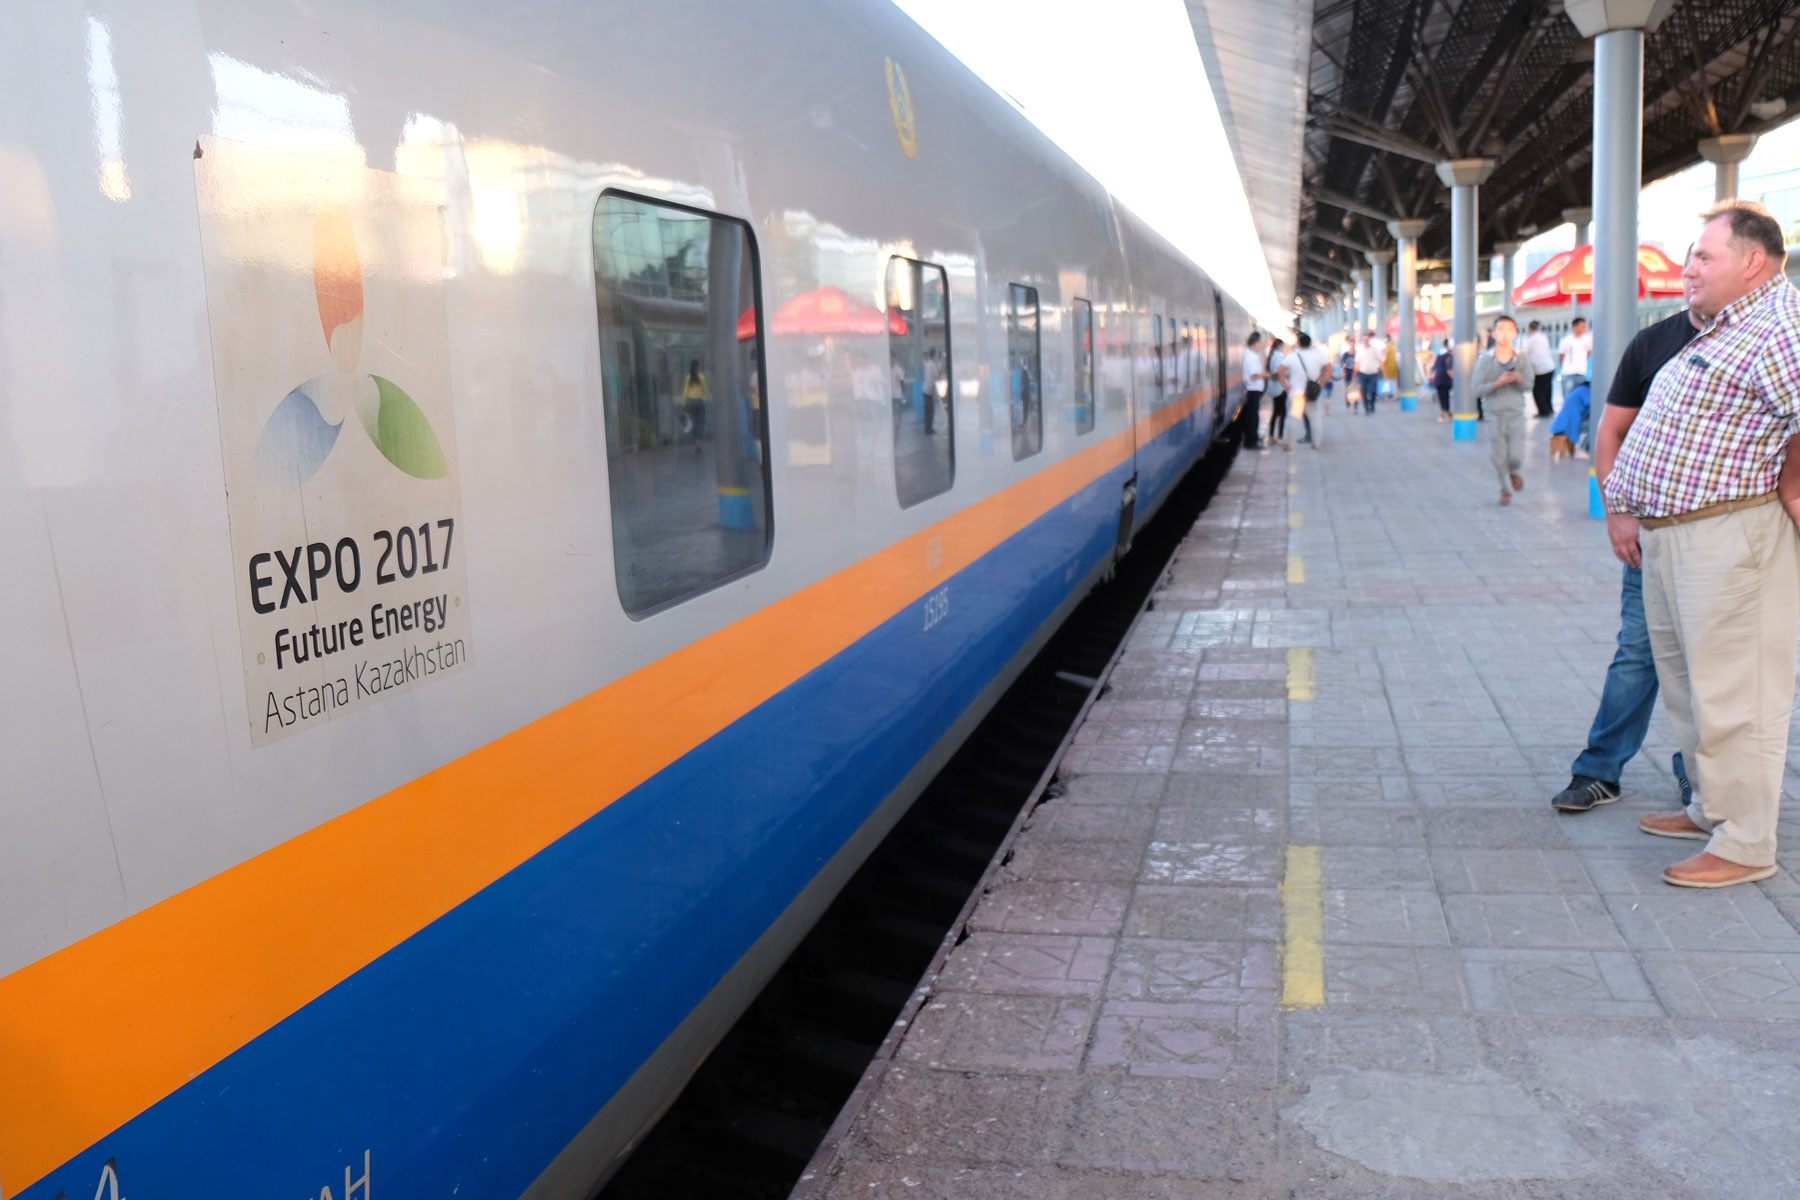 """Ein Zug mit der Aufschrift """"Expo 2017 Future Energy Astana Kasachstan""""."""